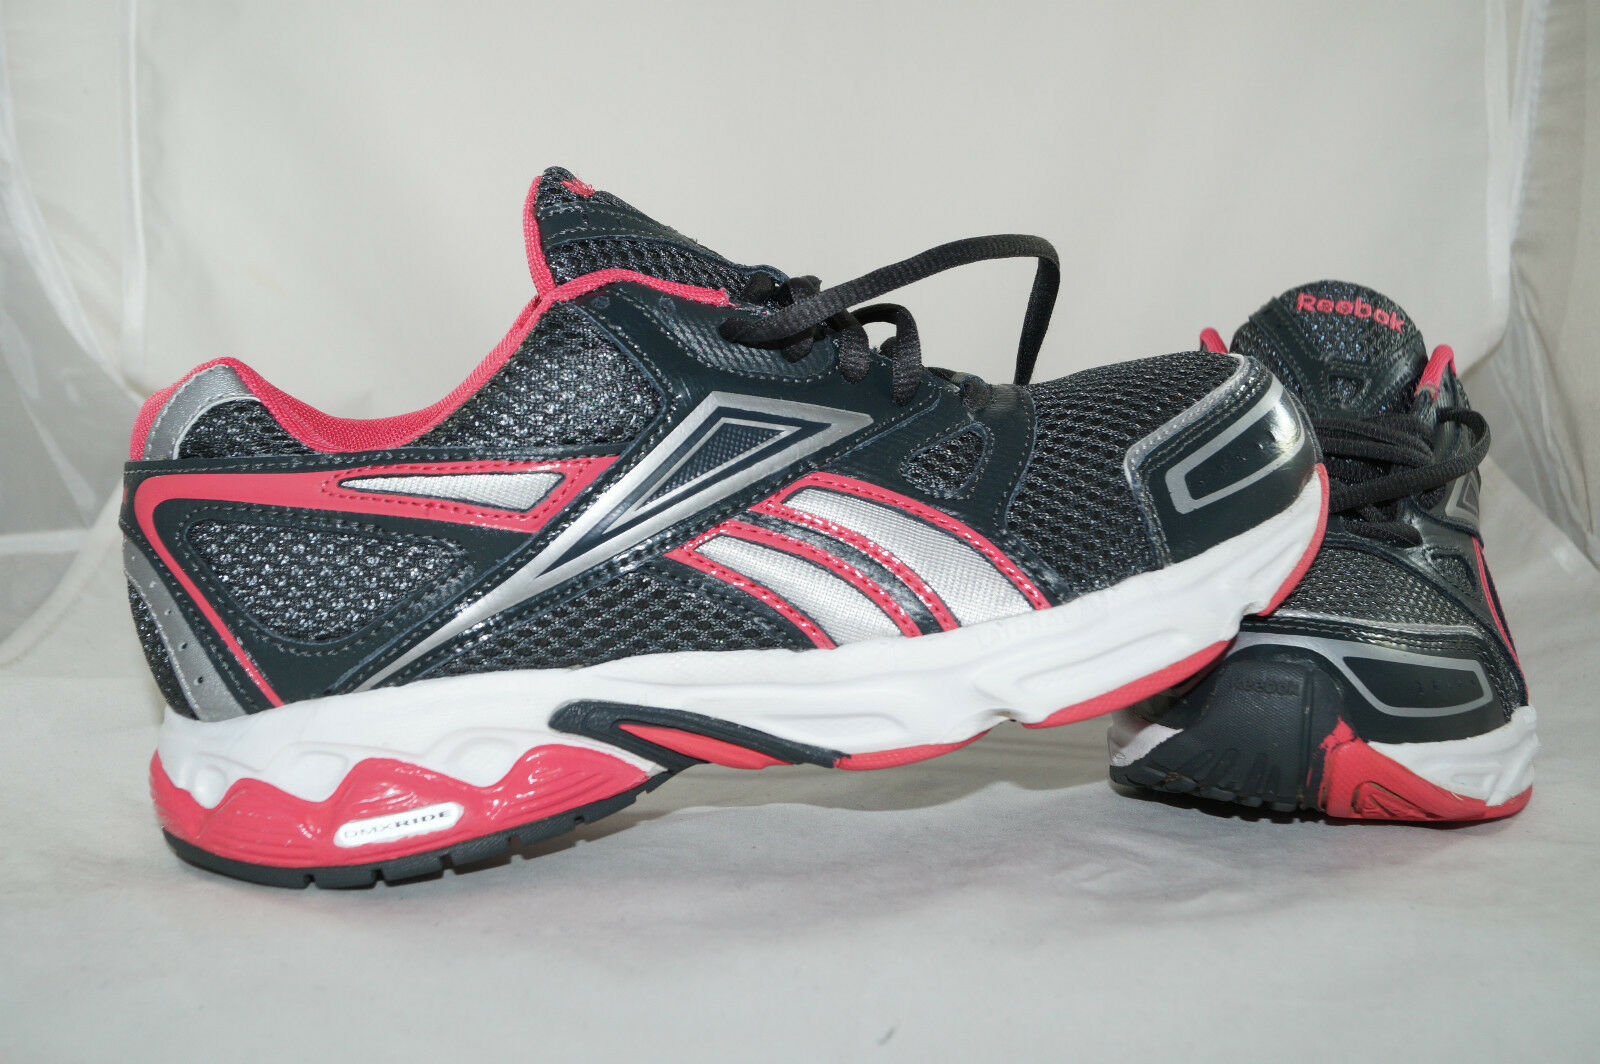 Reebok Instant calzado calzado calzado deportivo GR  38,5 running rosa zapatillas d9c23a